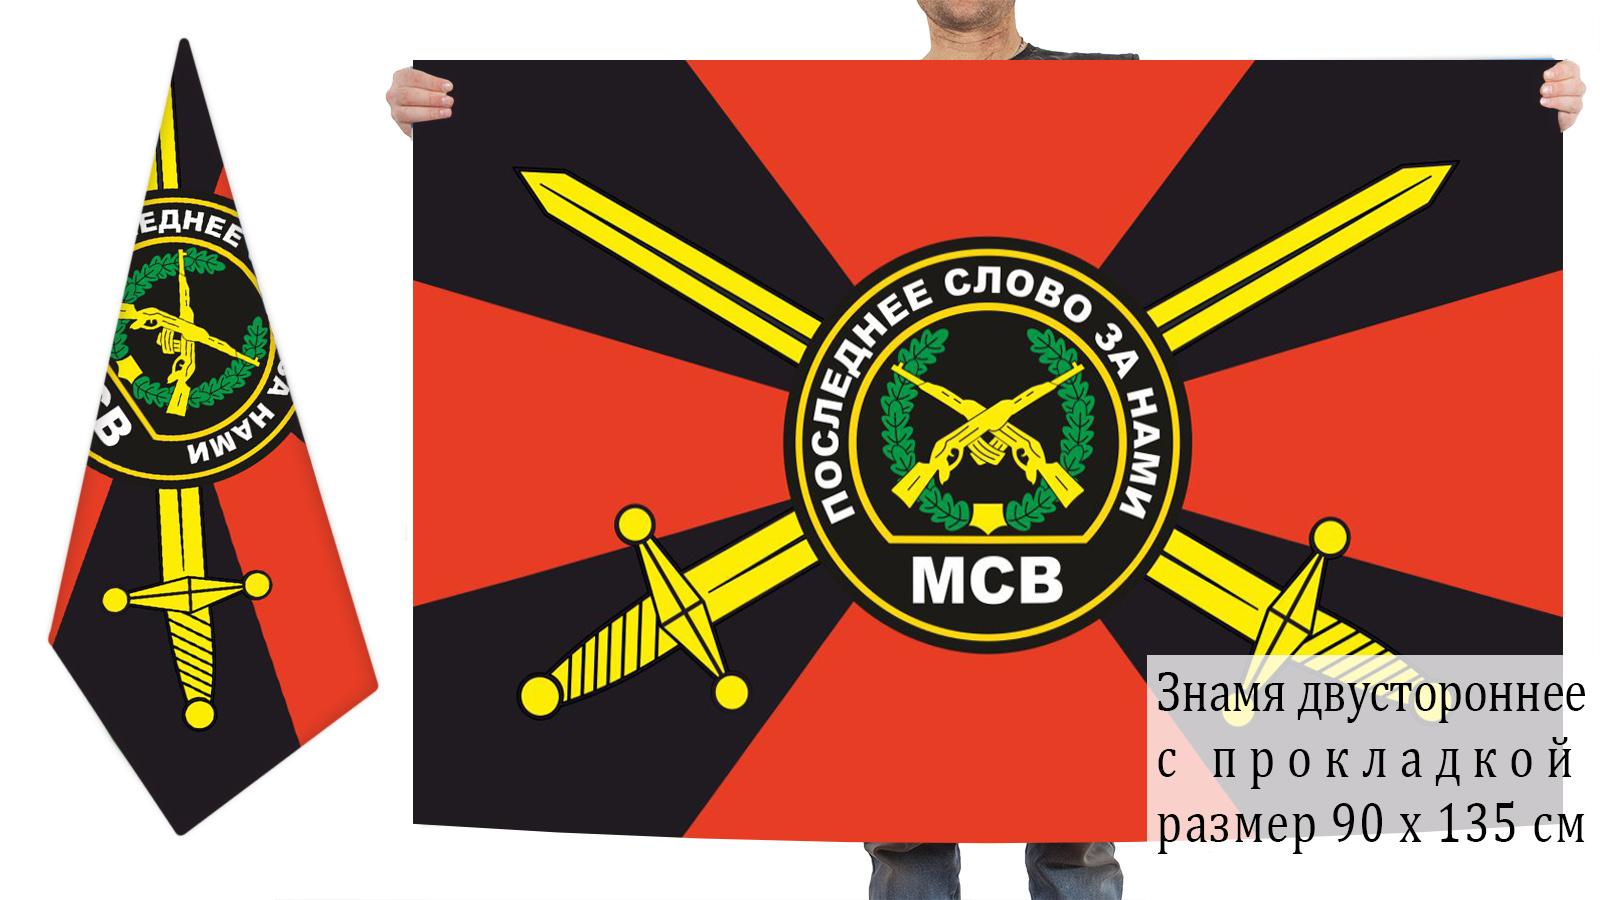 Заказать флаги МСВ в военторге